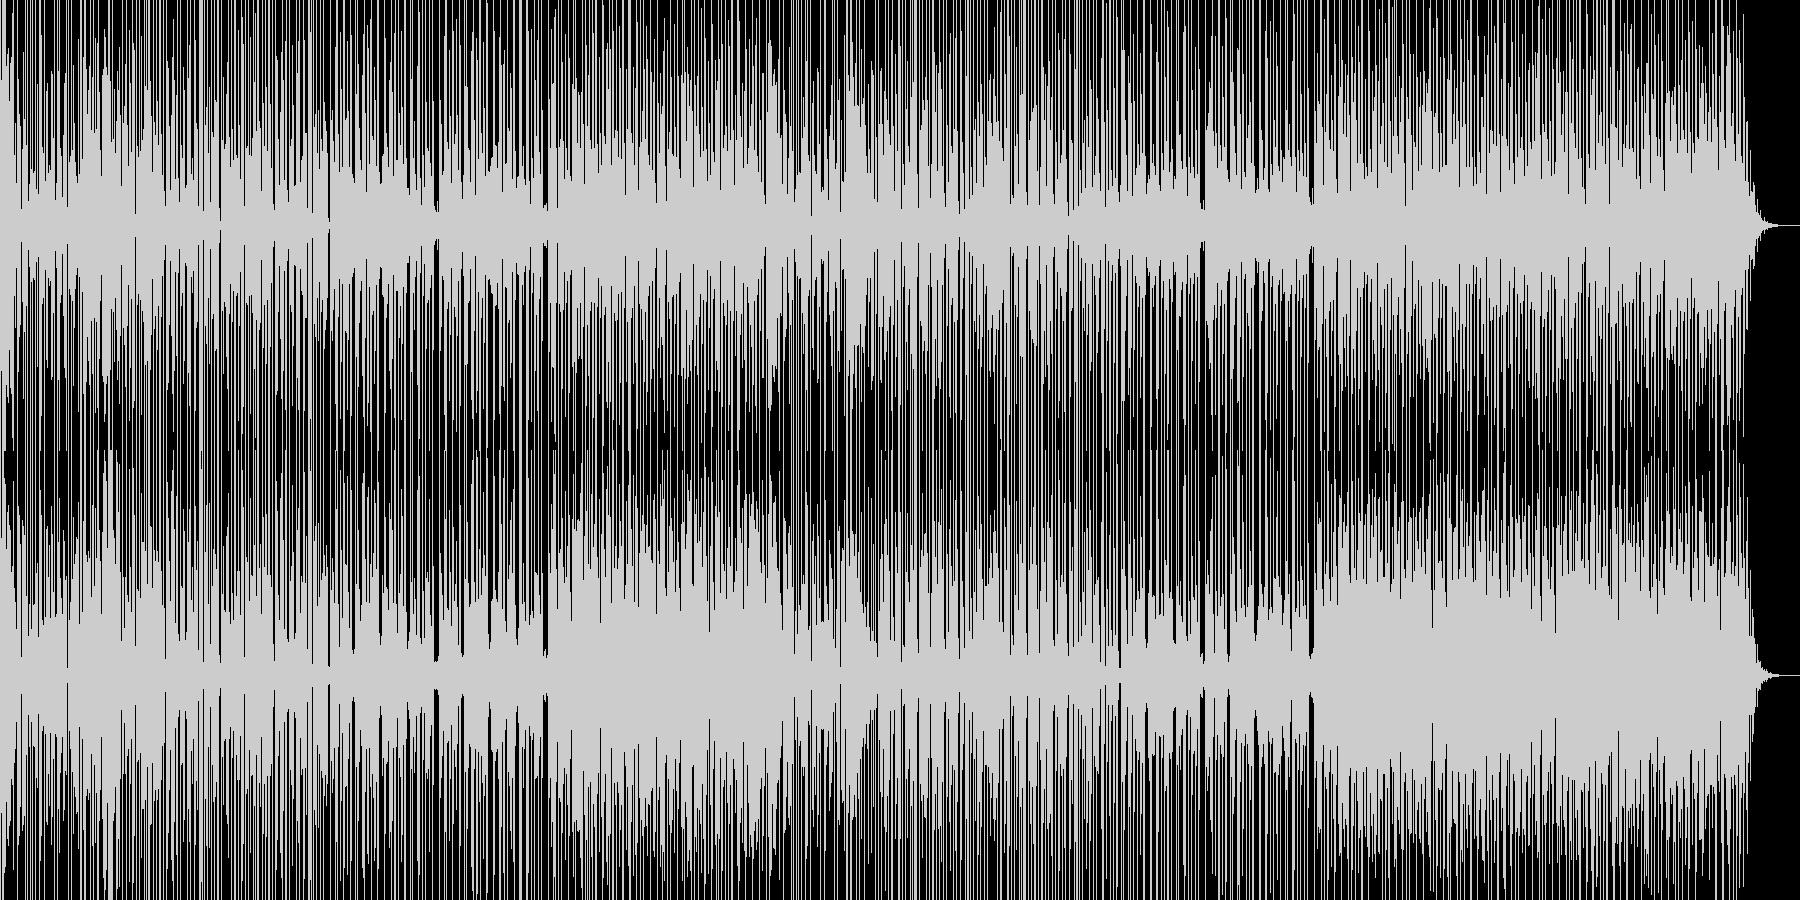 ミステリアスな雰囲気のあるBGM曲の未再生の波形